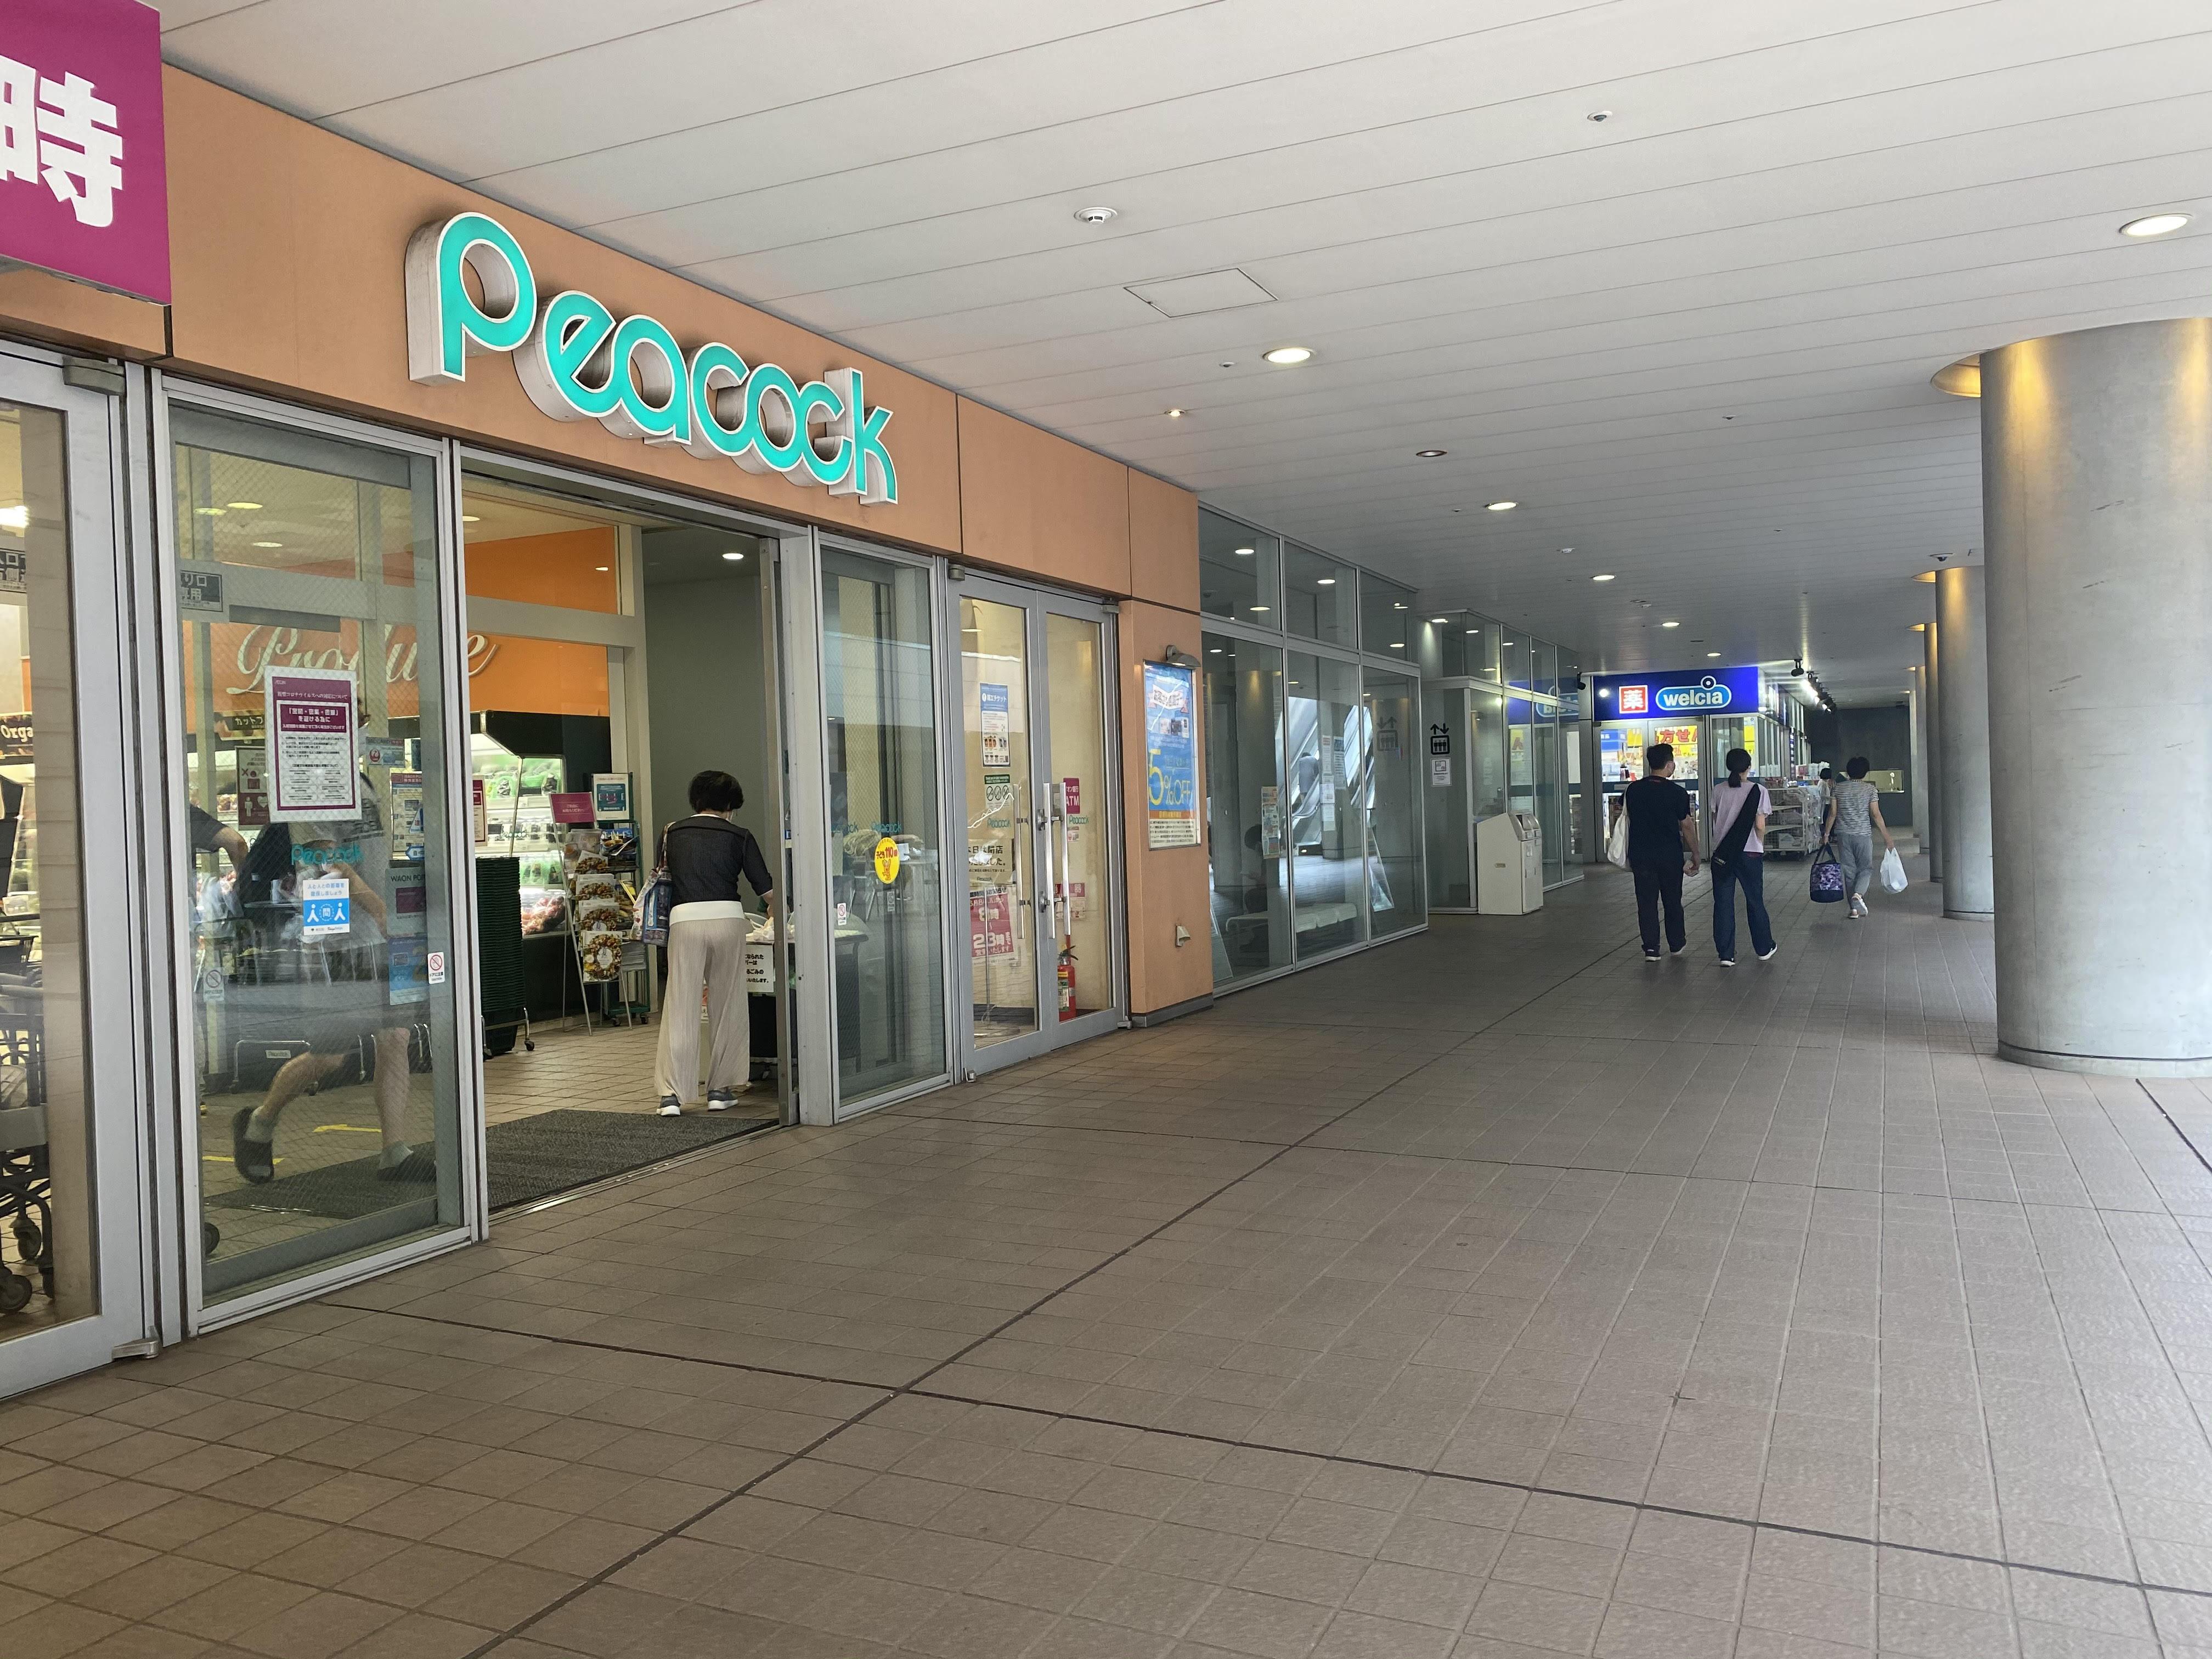 スーパーマーケットのほか、医療施設やフィットネスジムも入る商業施設です